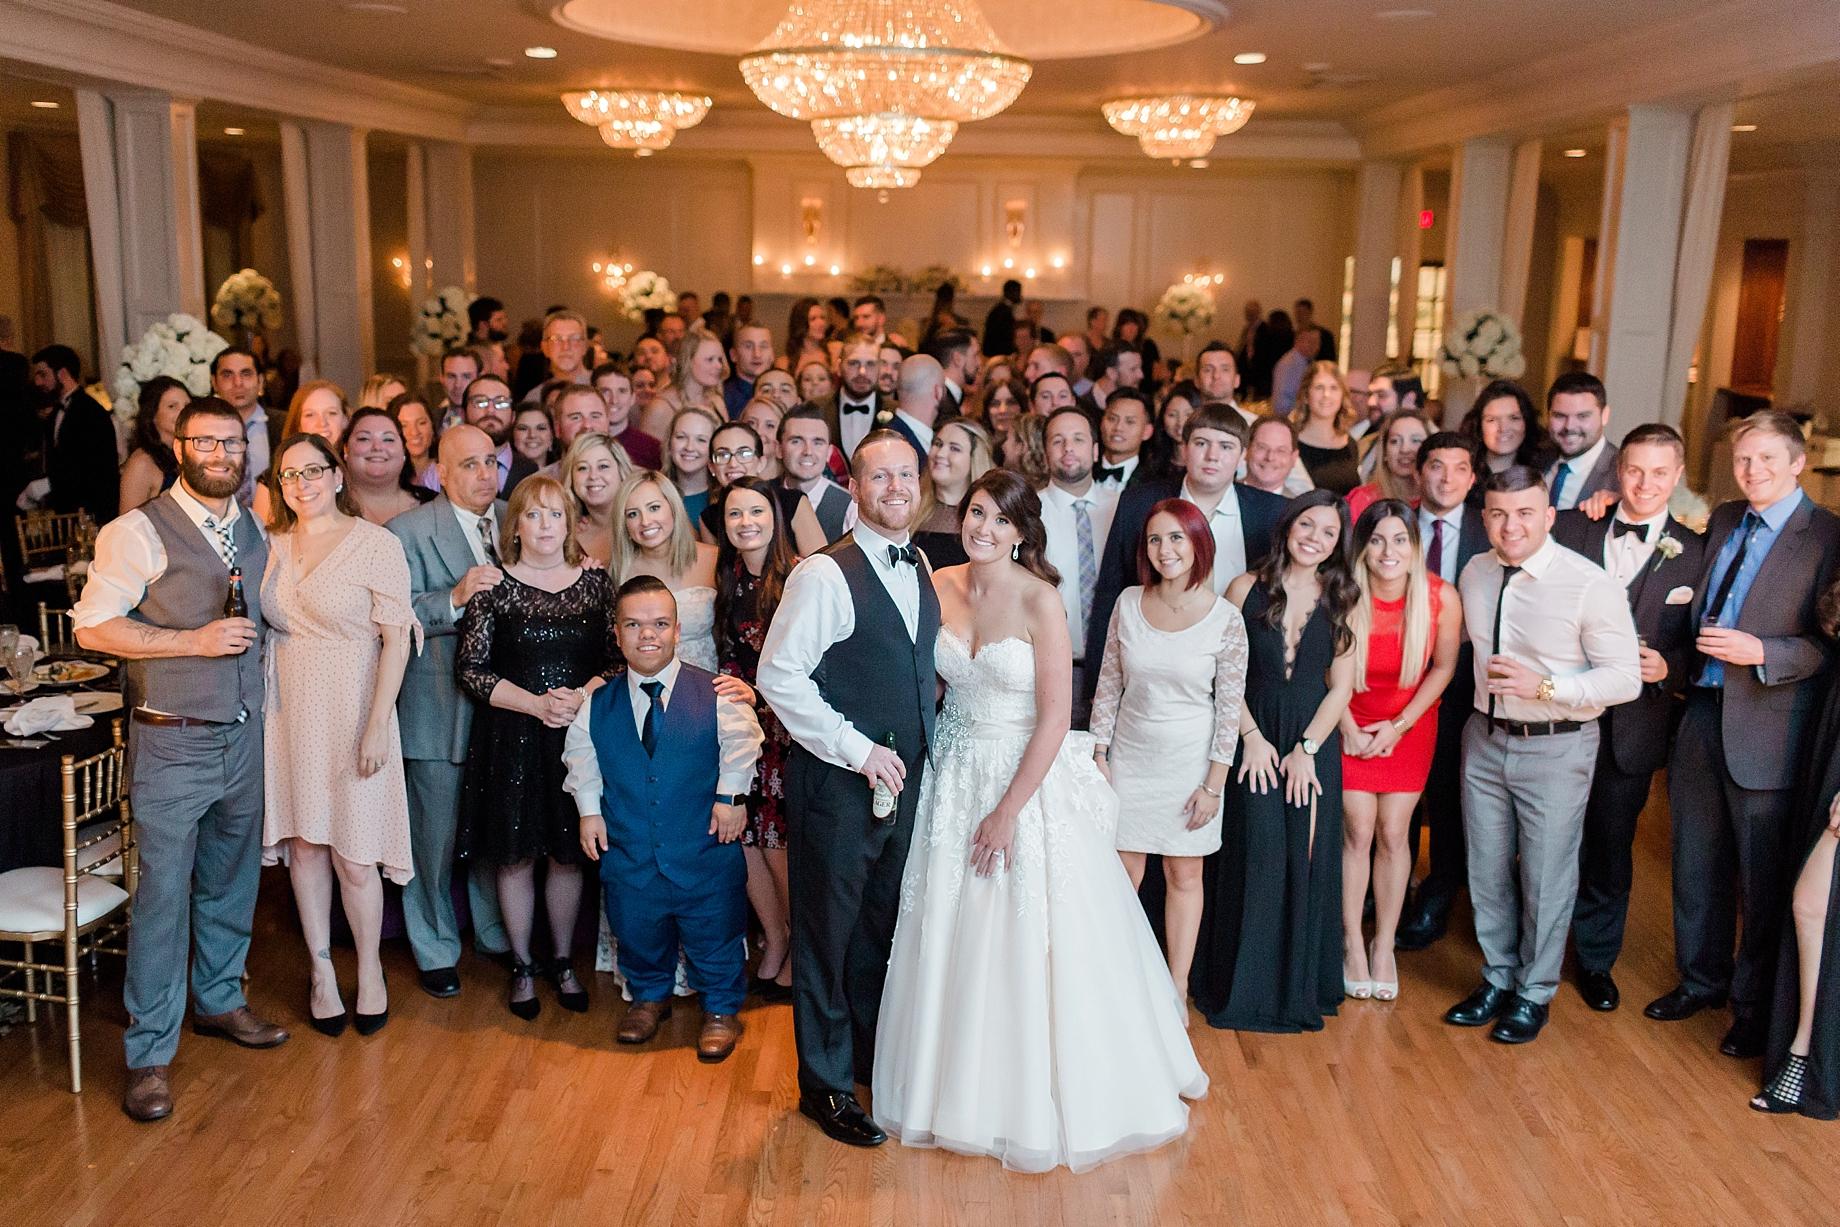 William Penn Inn Wedding Guests